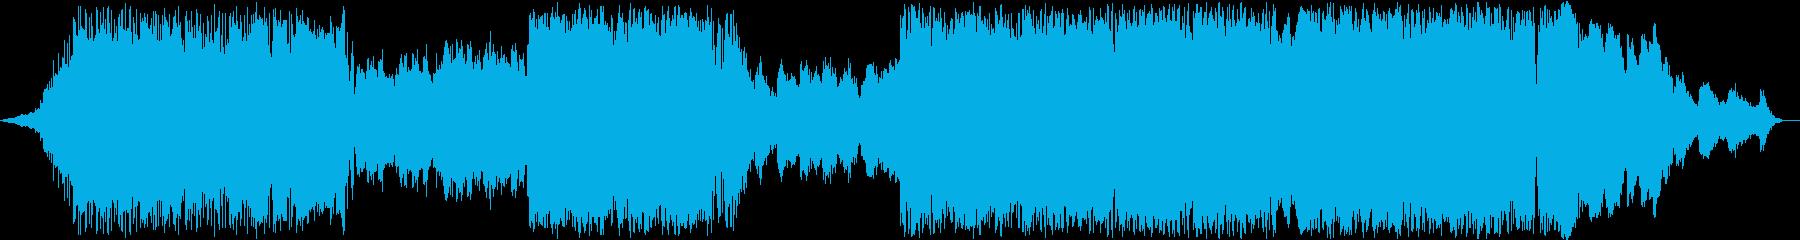 曲調が3回変わるエレクトロニカの再生済みの波形